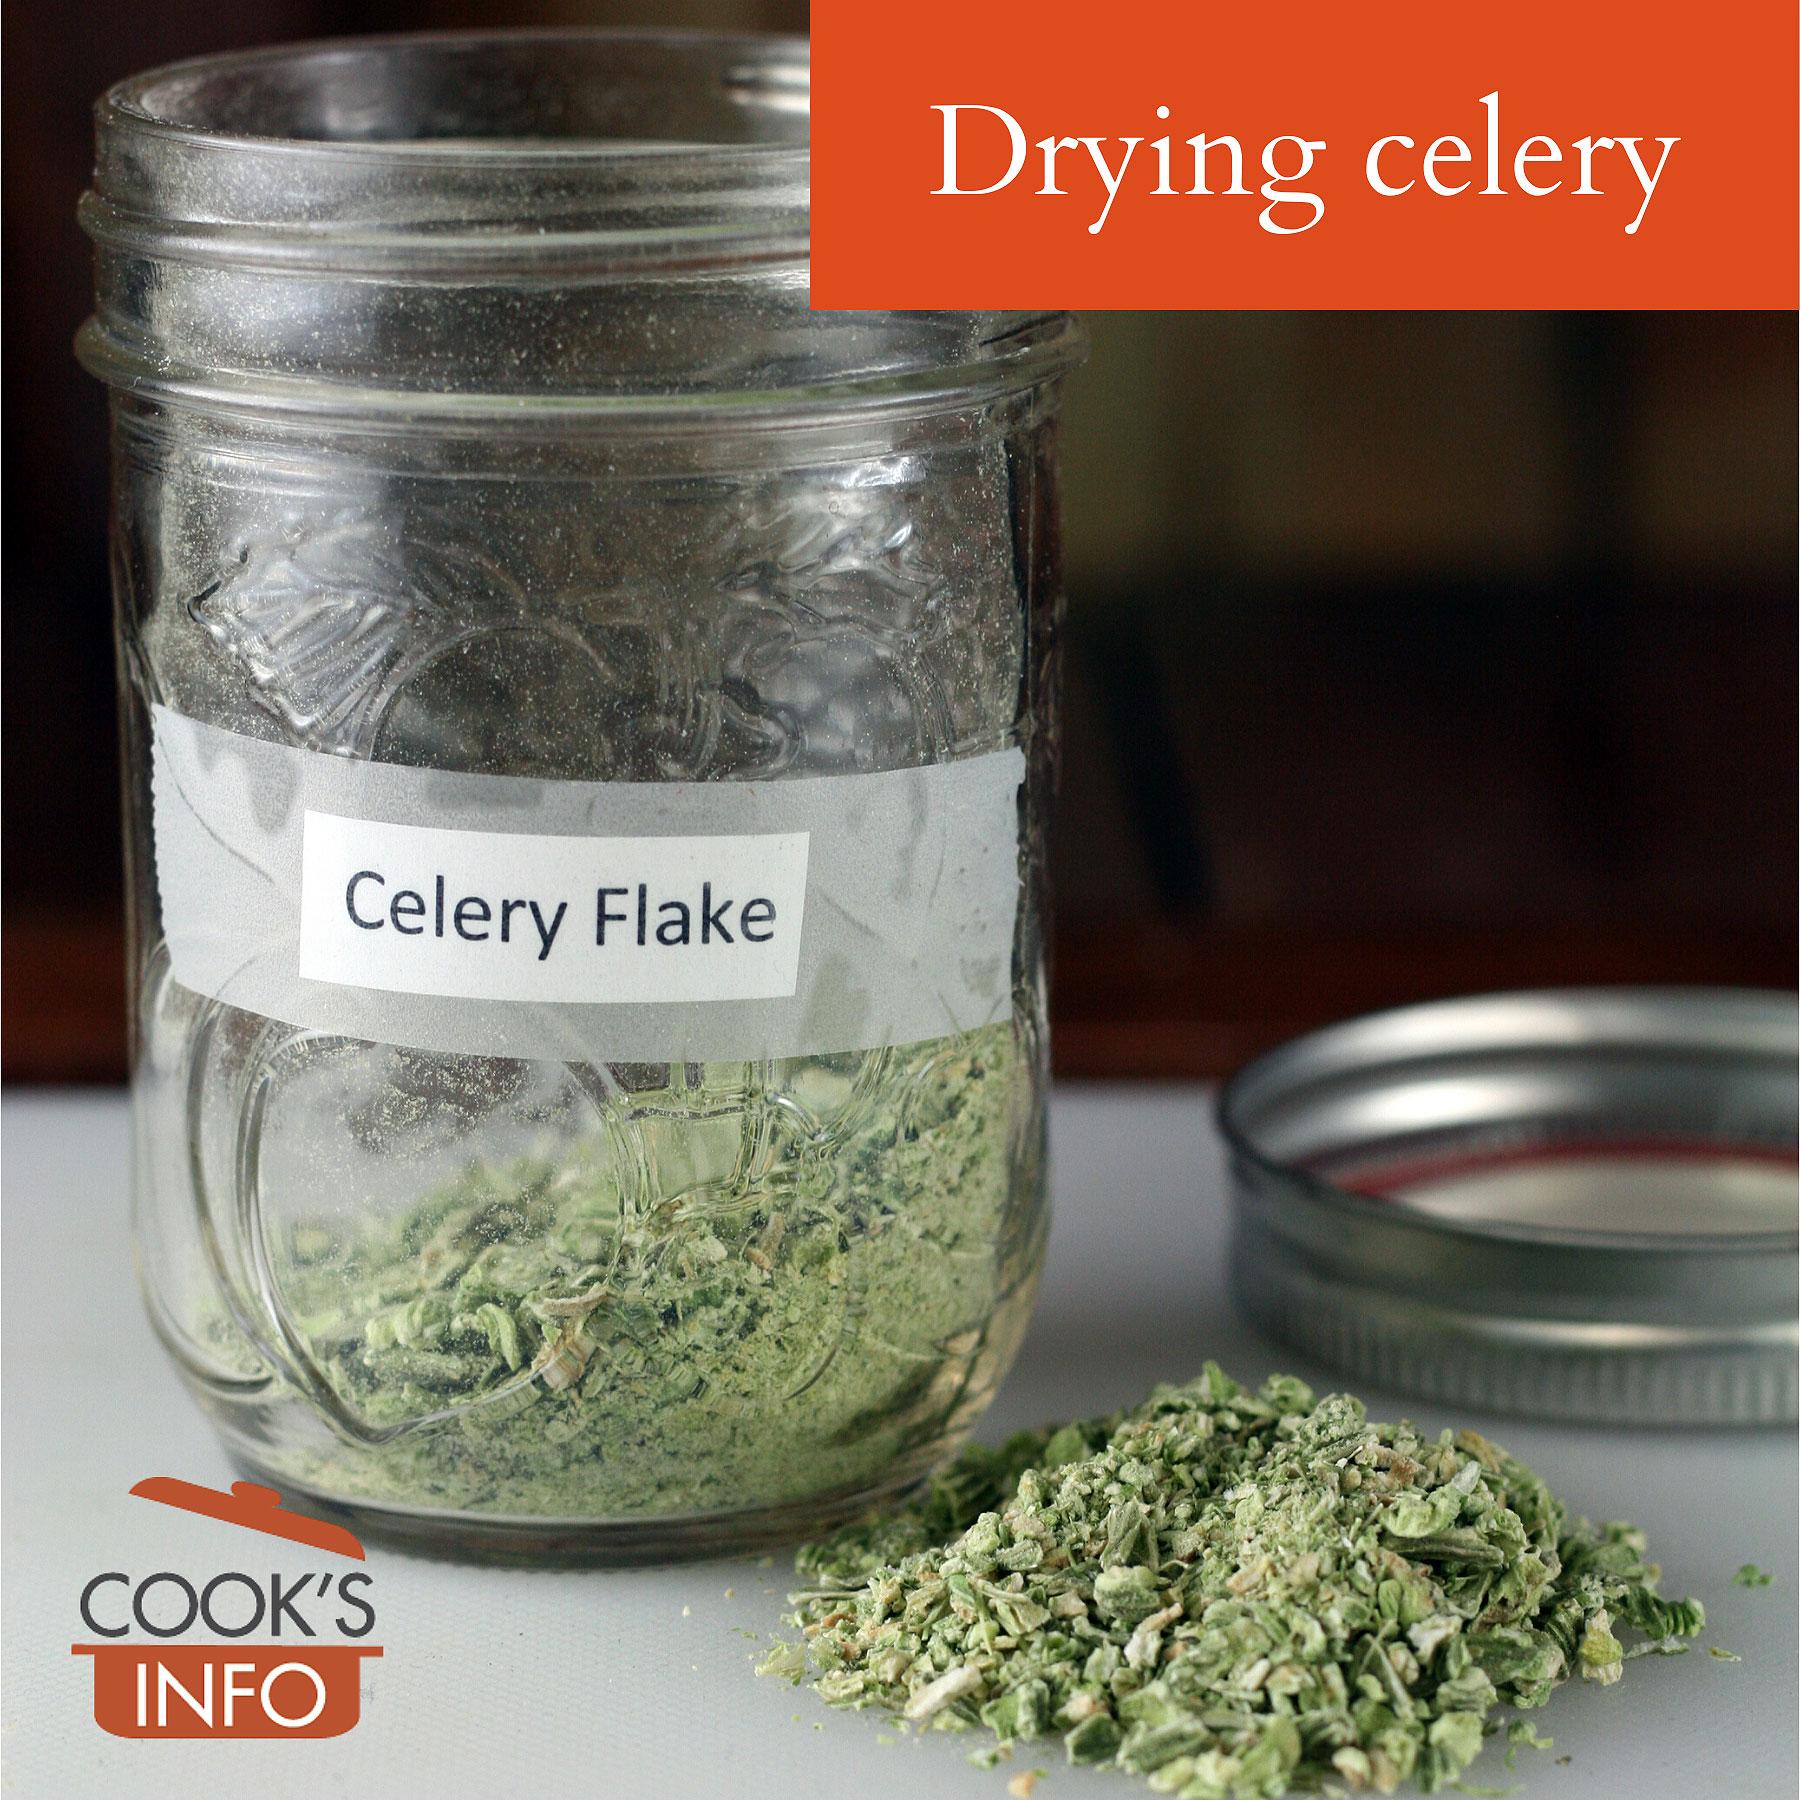 Dried celery